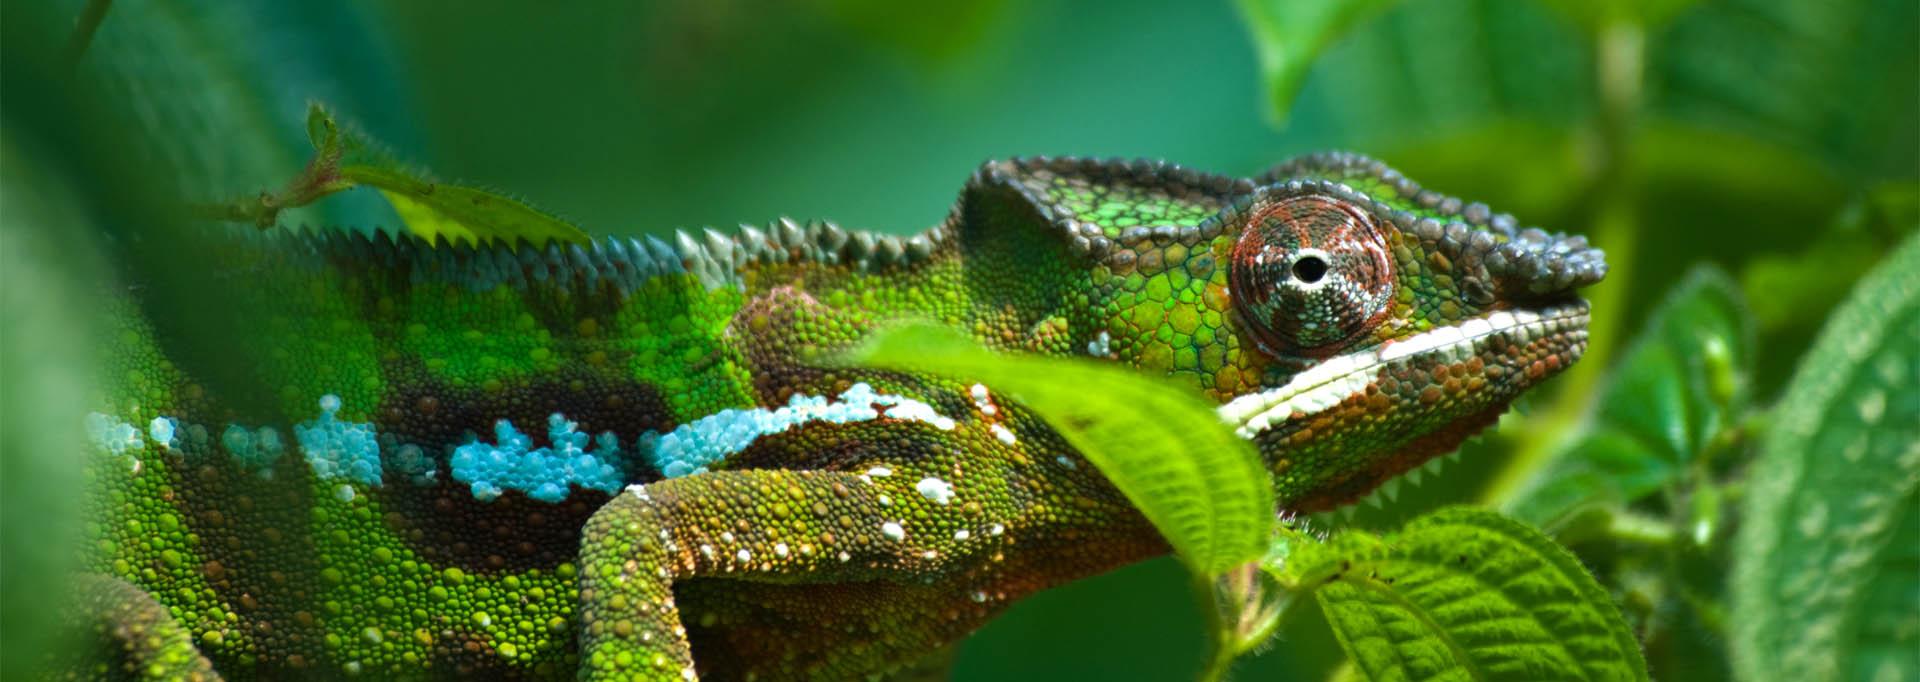 Green-chameleon_1920x681